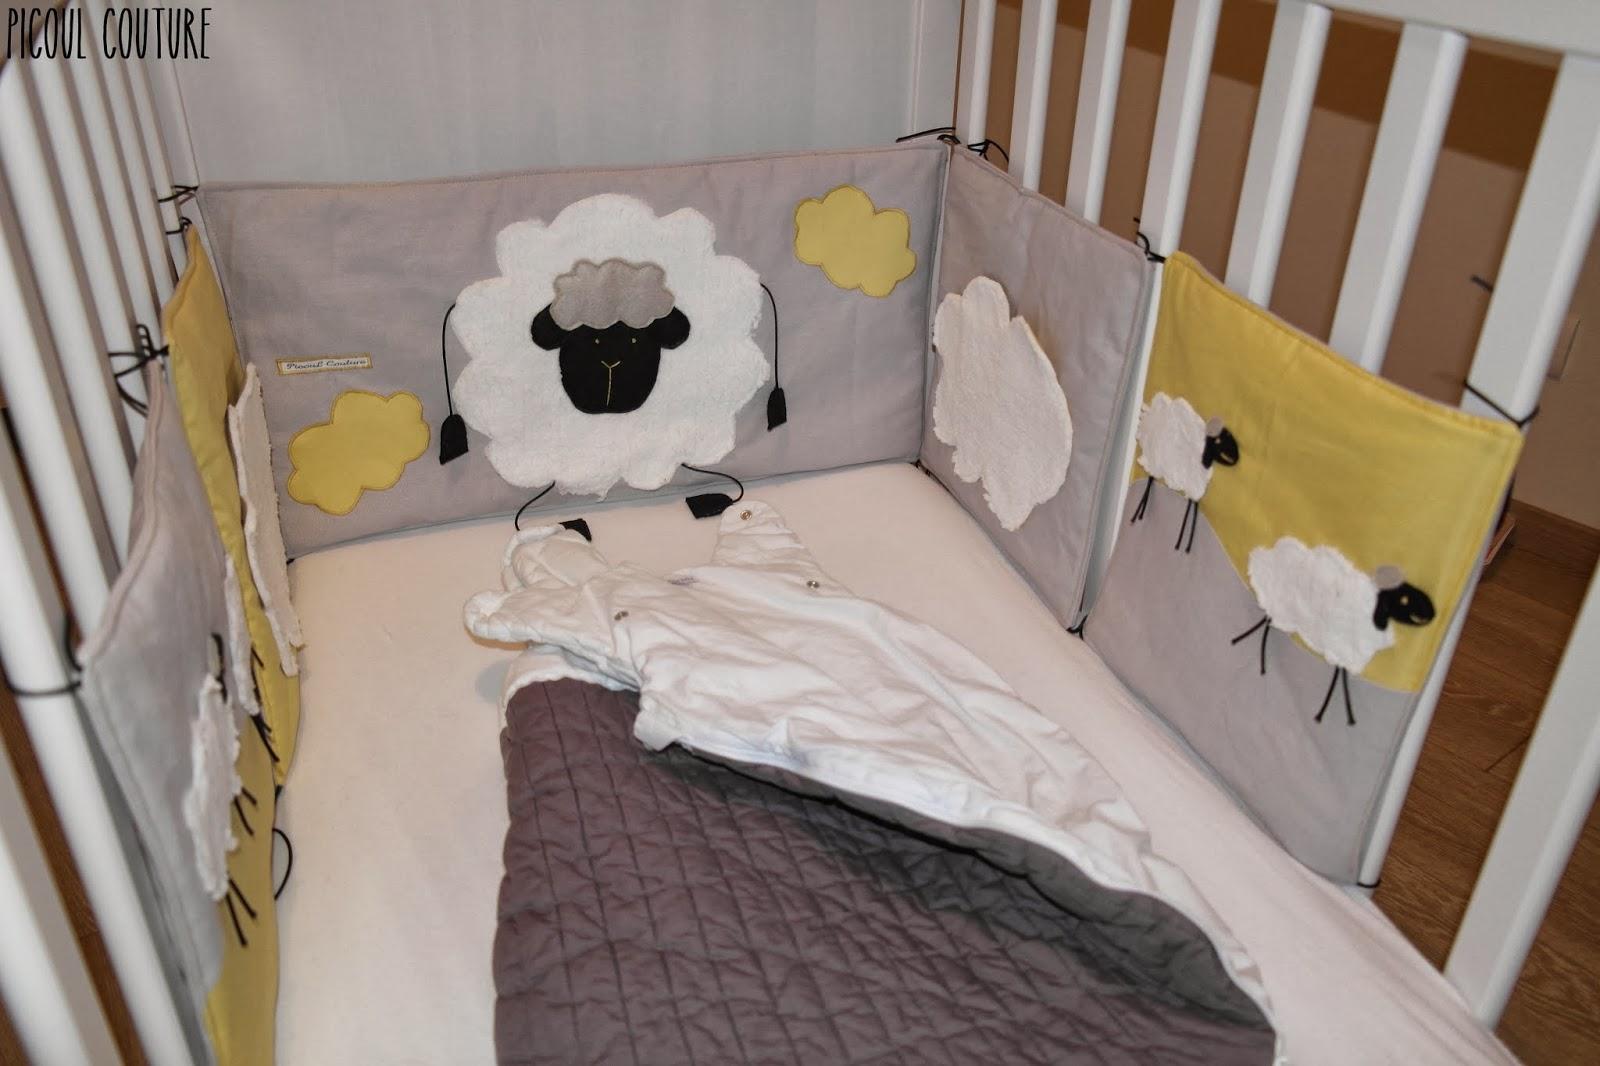 Picoul couture le tour de lit sur le th me moutons et - Tuto tour de lit bebe ...